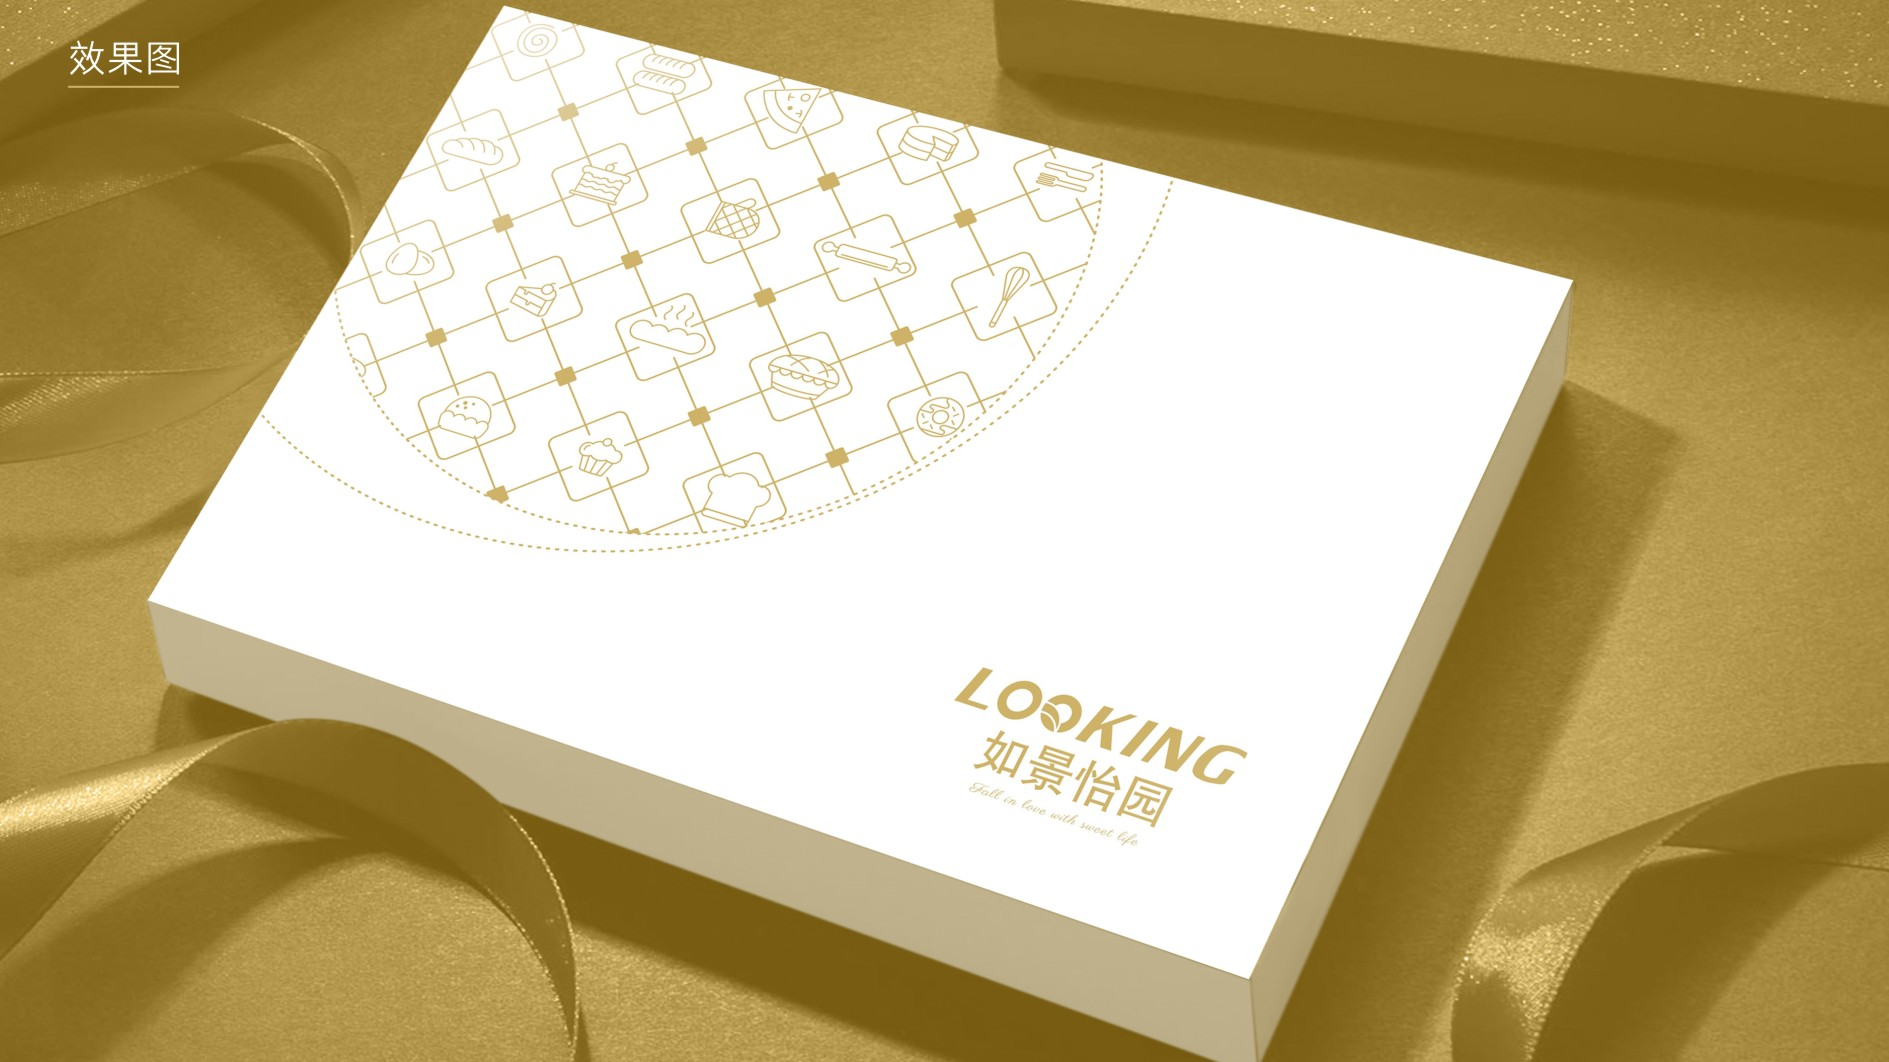 如景怡园蛋糕餐具品牌包装设计